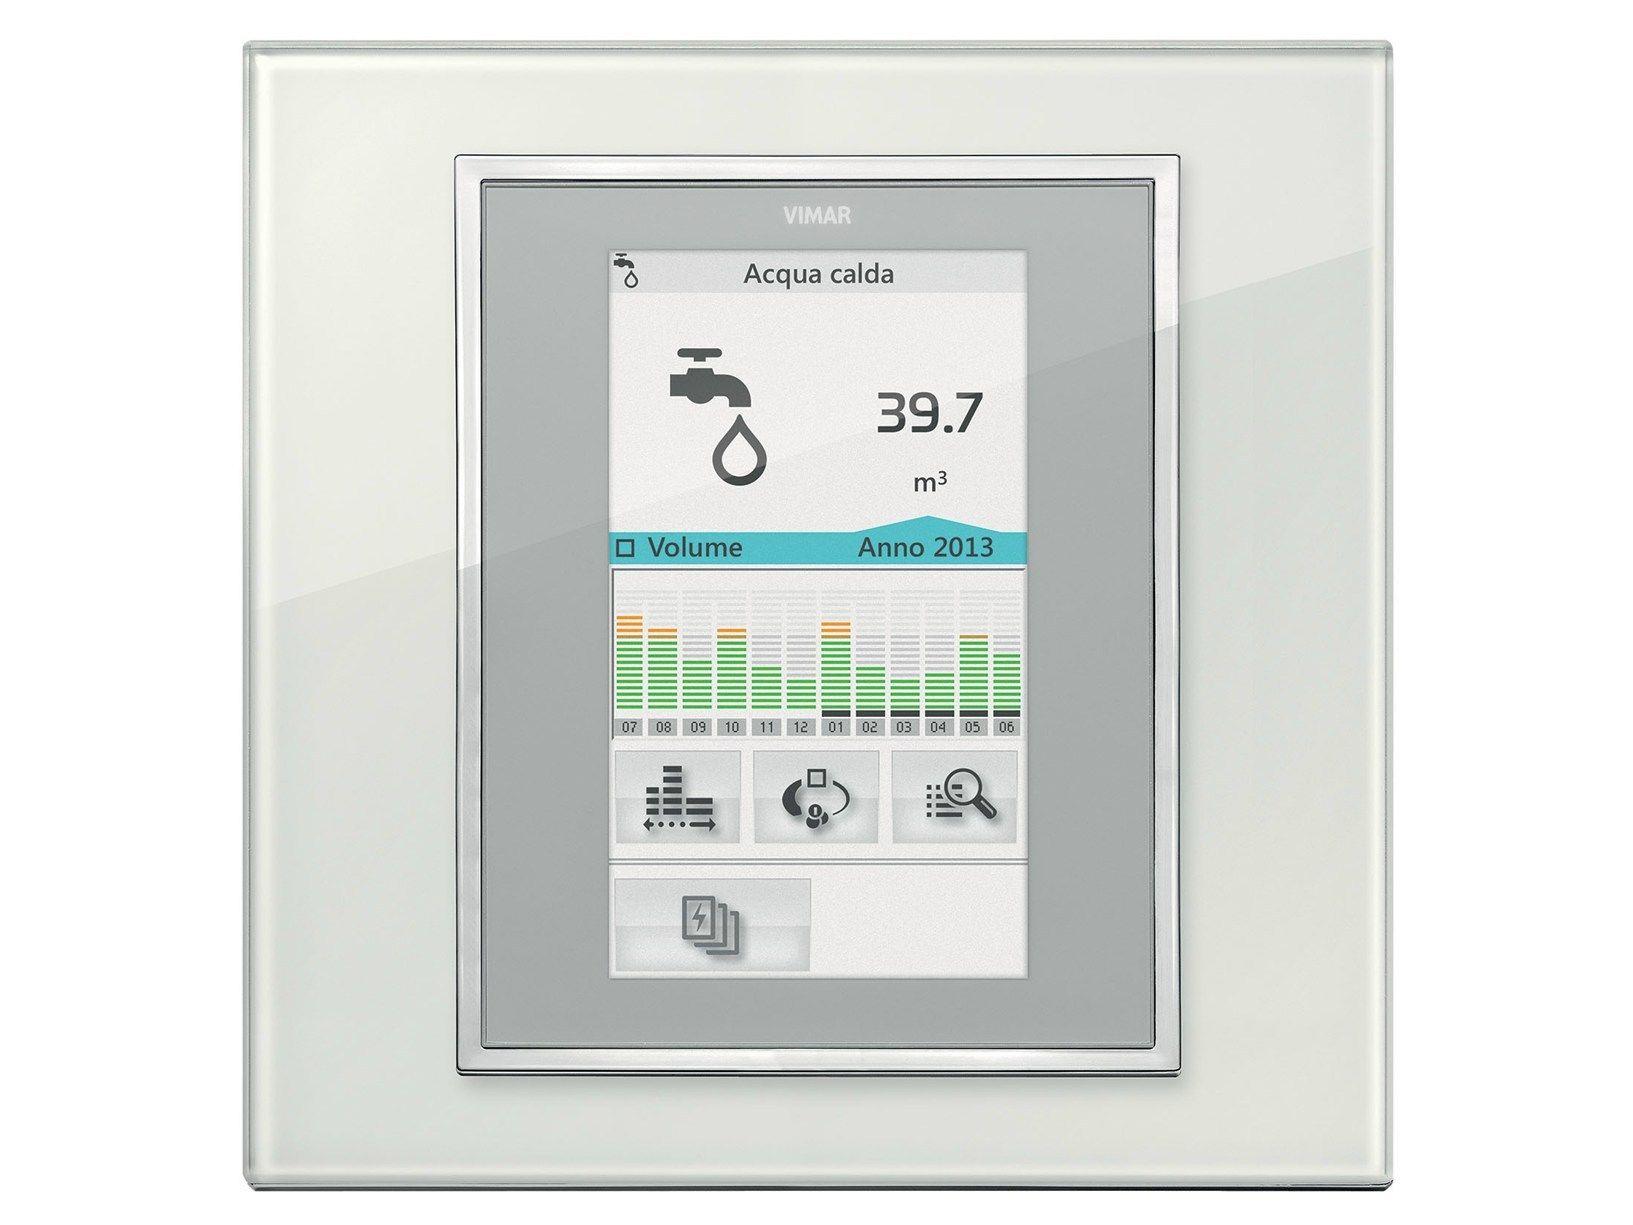 I nuovi dispositivi Vimar per la gestione e il controllo dell'energia